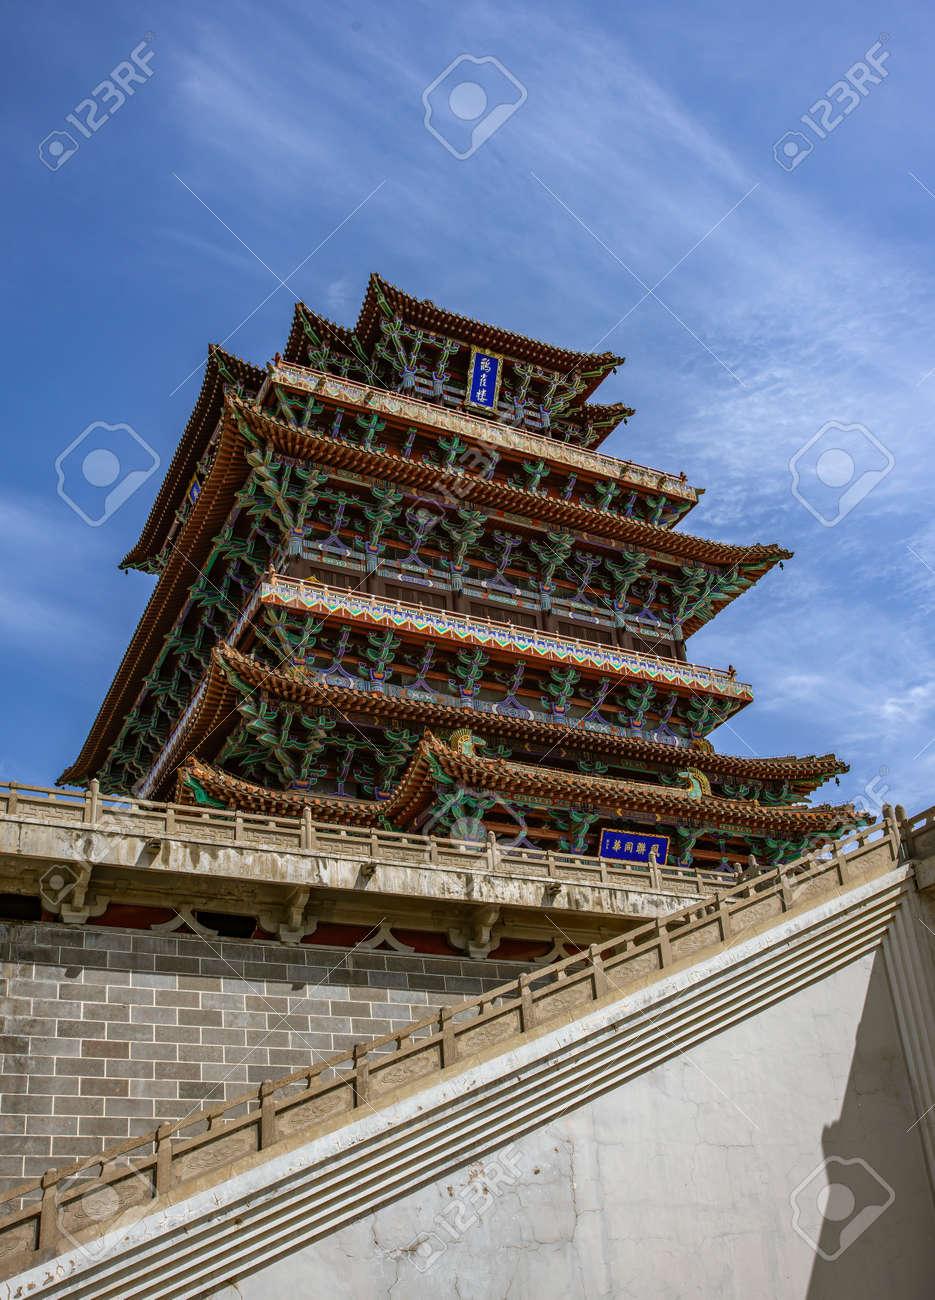 中国山西省運城市、龍池市、guan...